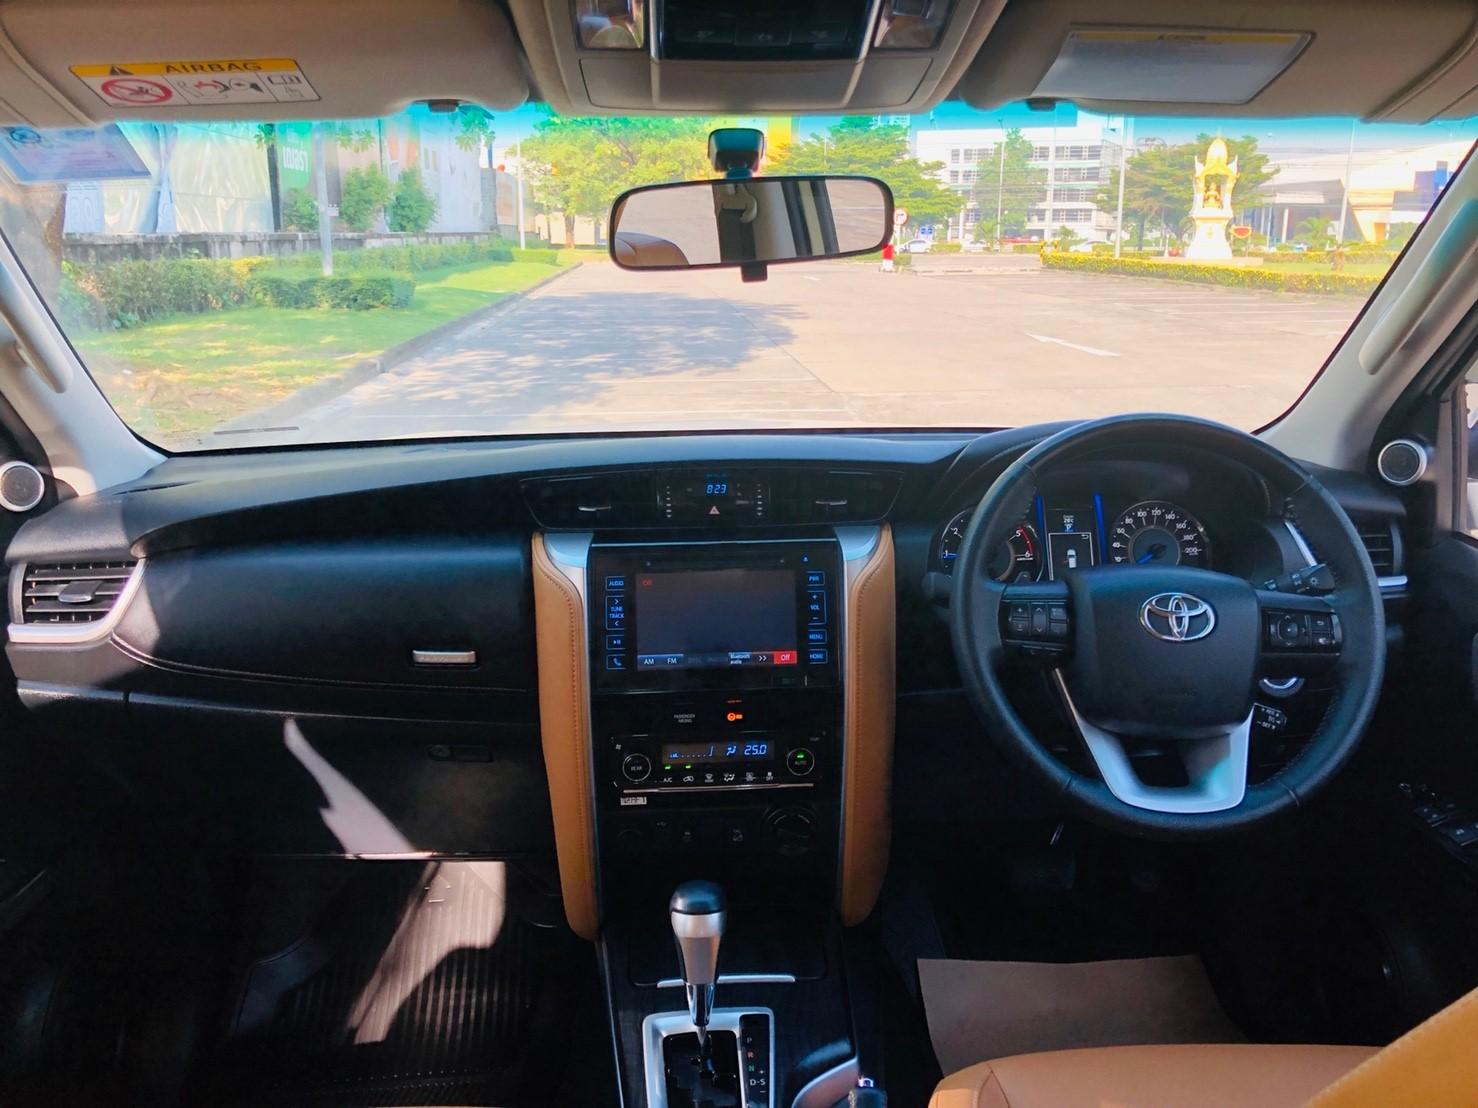 ภาพทรรศนะวิสัย โตโยต้า ฟอร์จูนเนอร์ 2.8 V 4WD ปี 2016